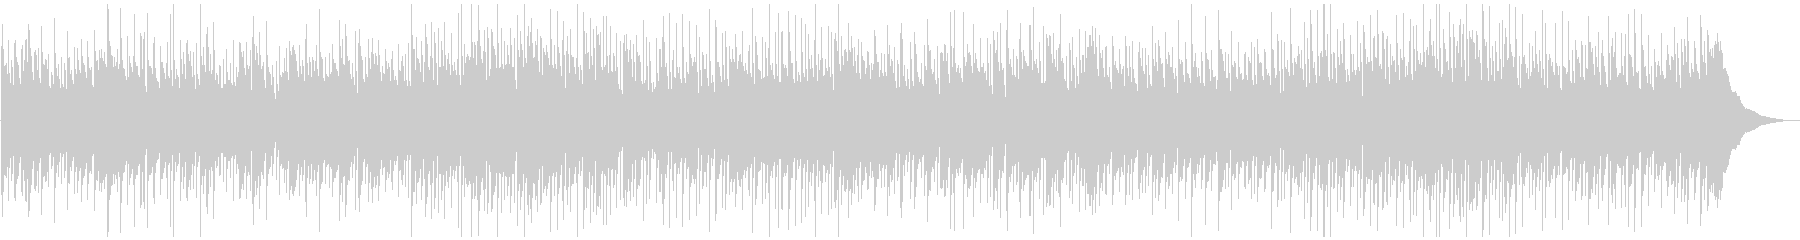 カントリー系のスローバラードの未再生の波形